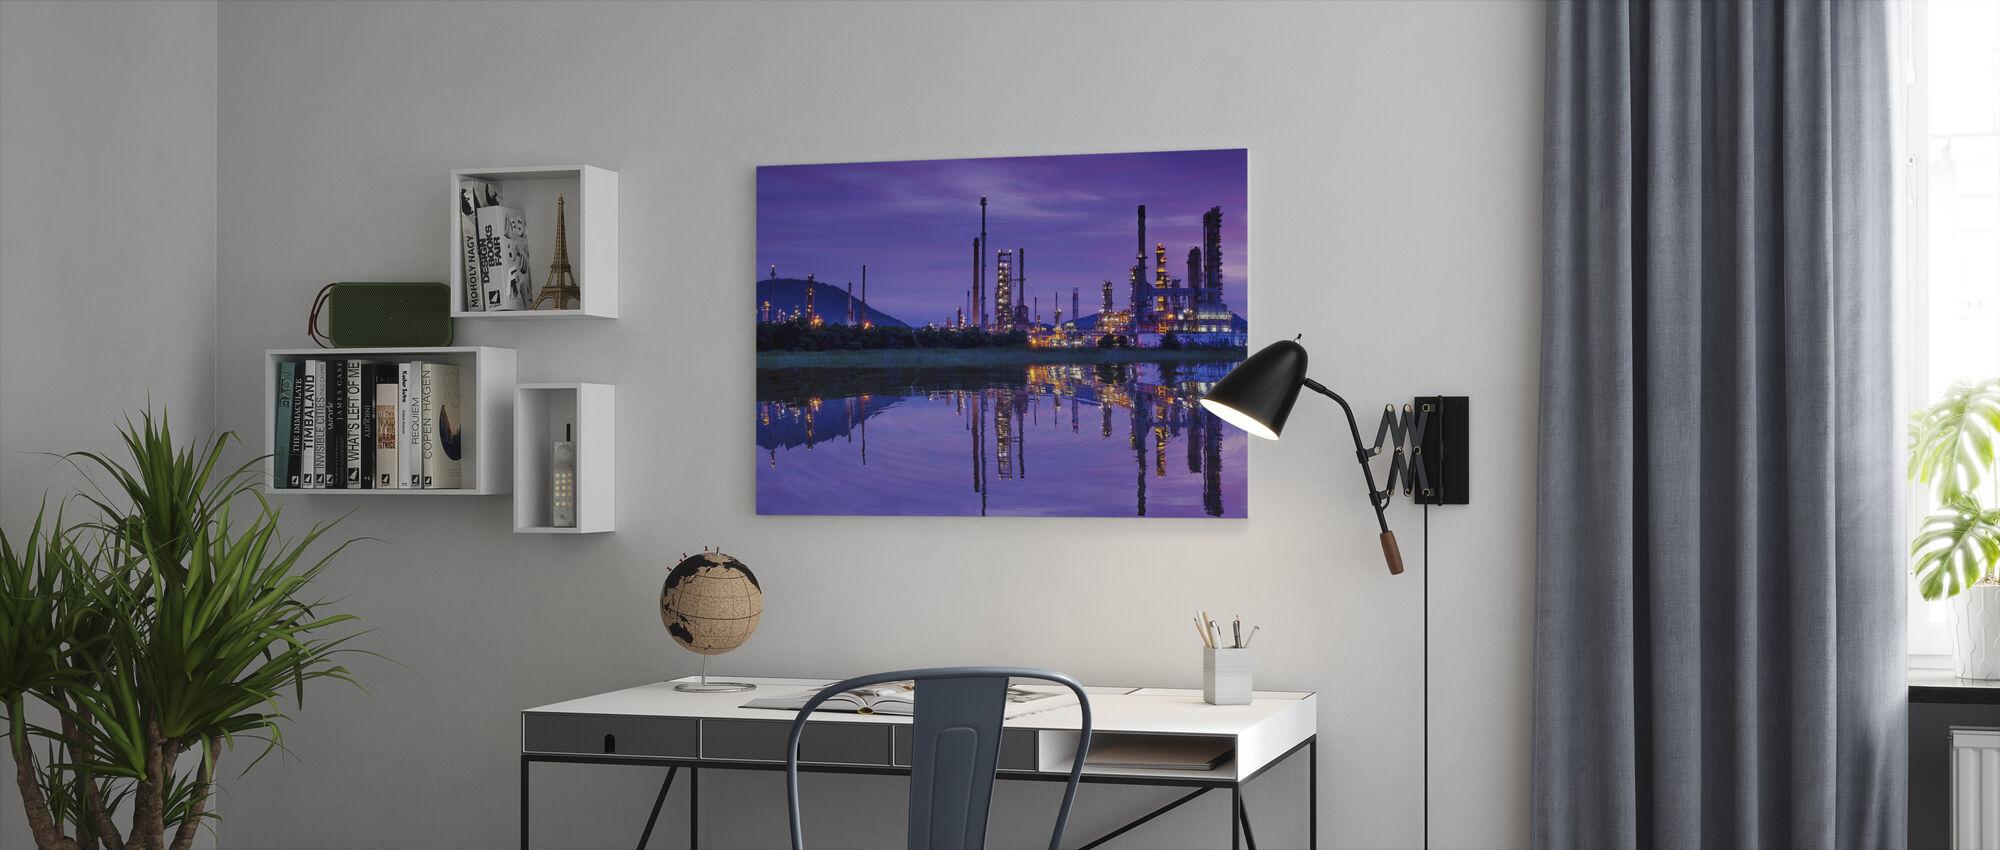 Petrochemische industrie - Canvas print - Kantoor